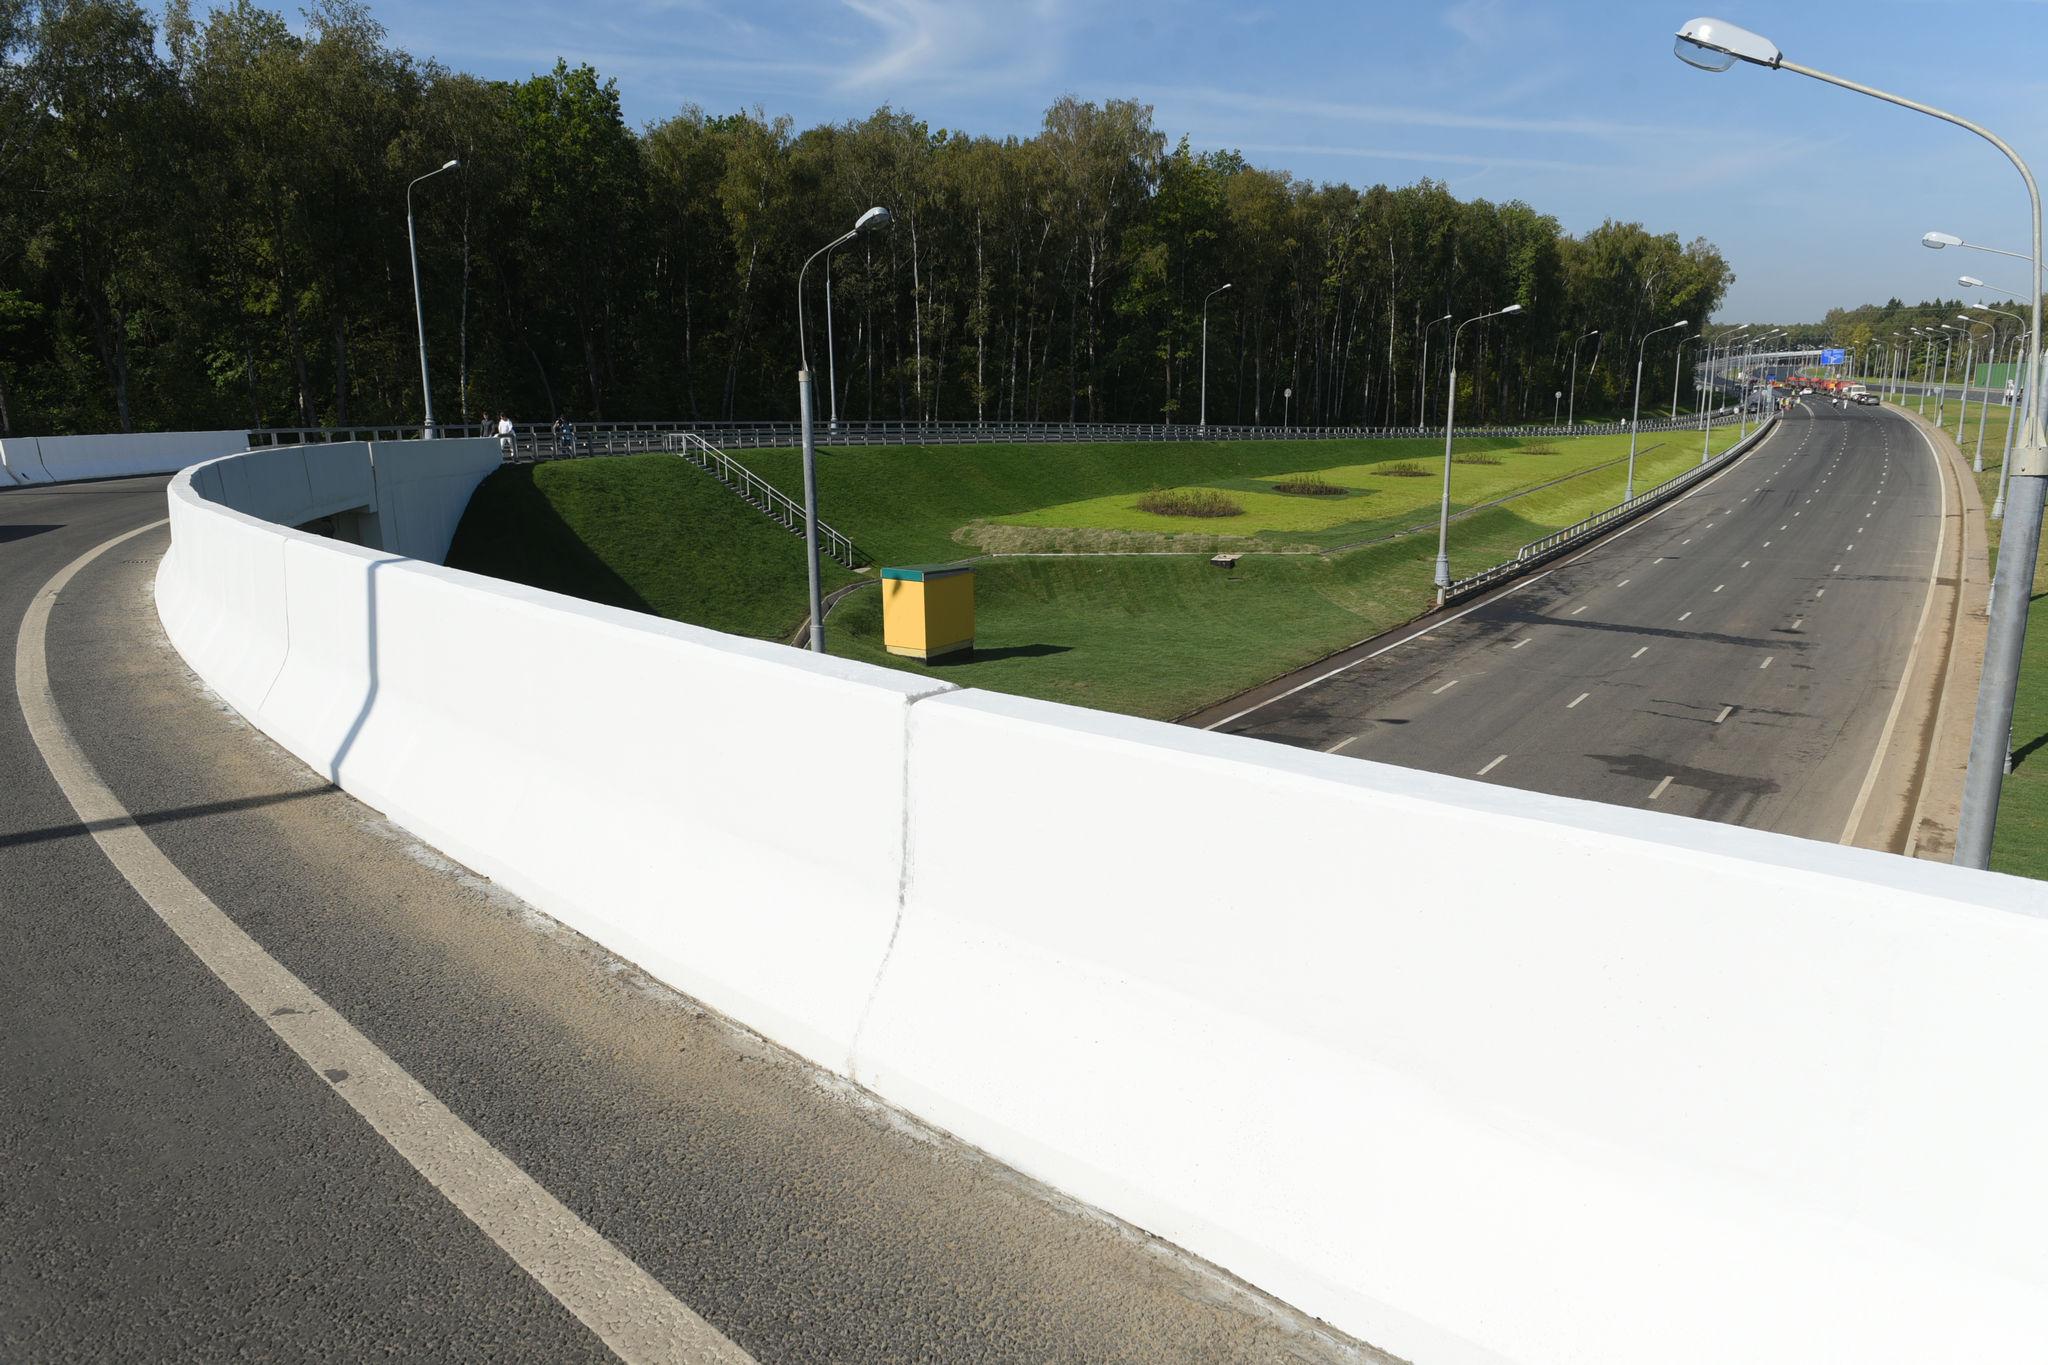 Электросетевую инфраструктуру построили для дороги М-3 «Украина» — Середнево — Марьино — Десна